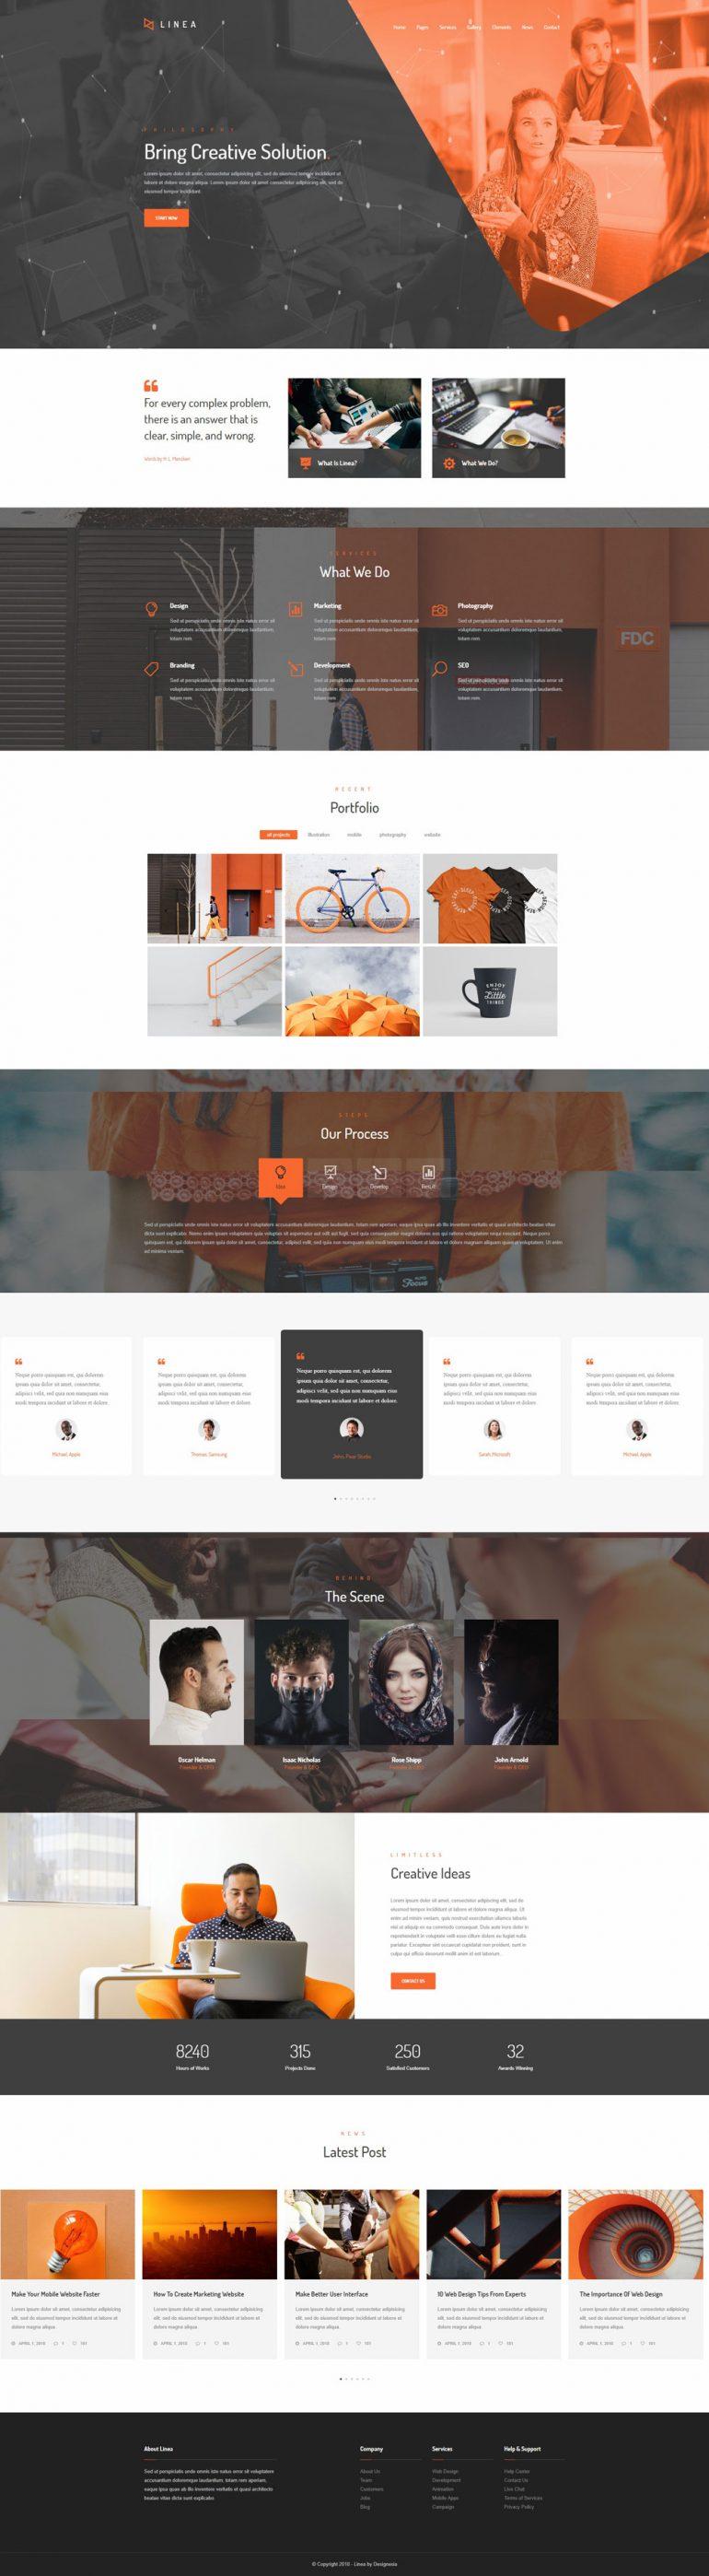 Linea – Creative Multipurpose Website Template